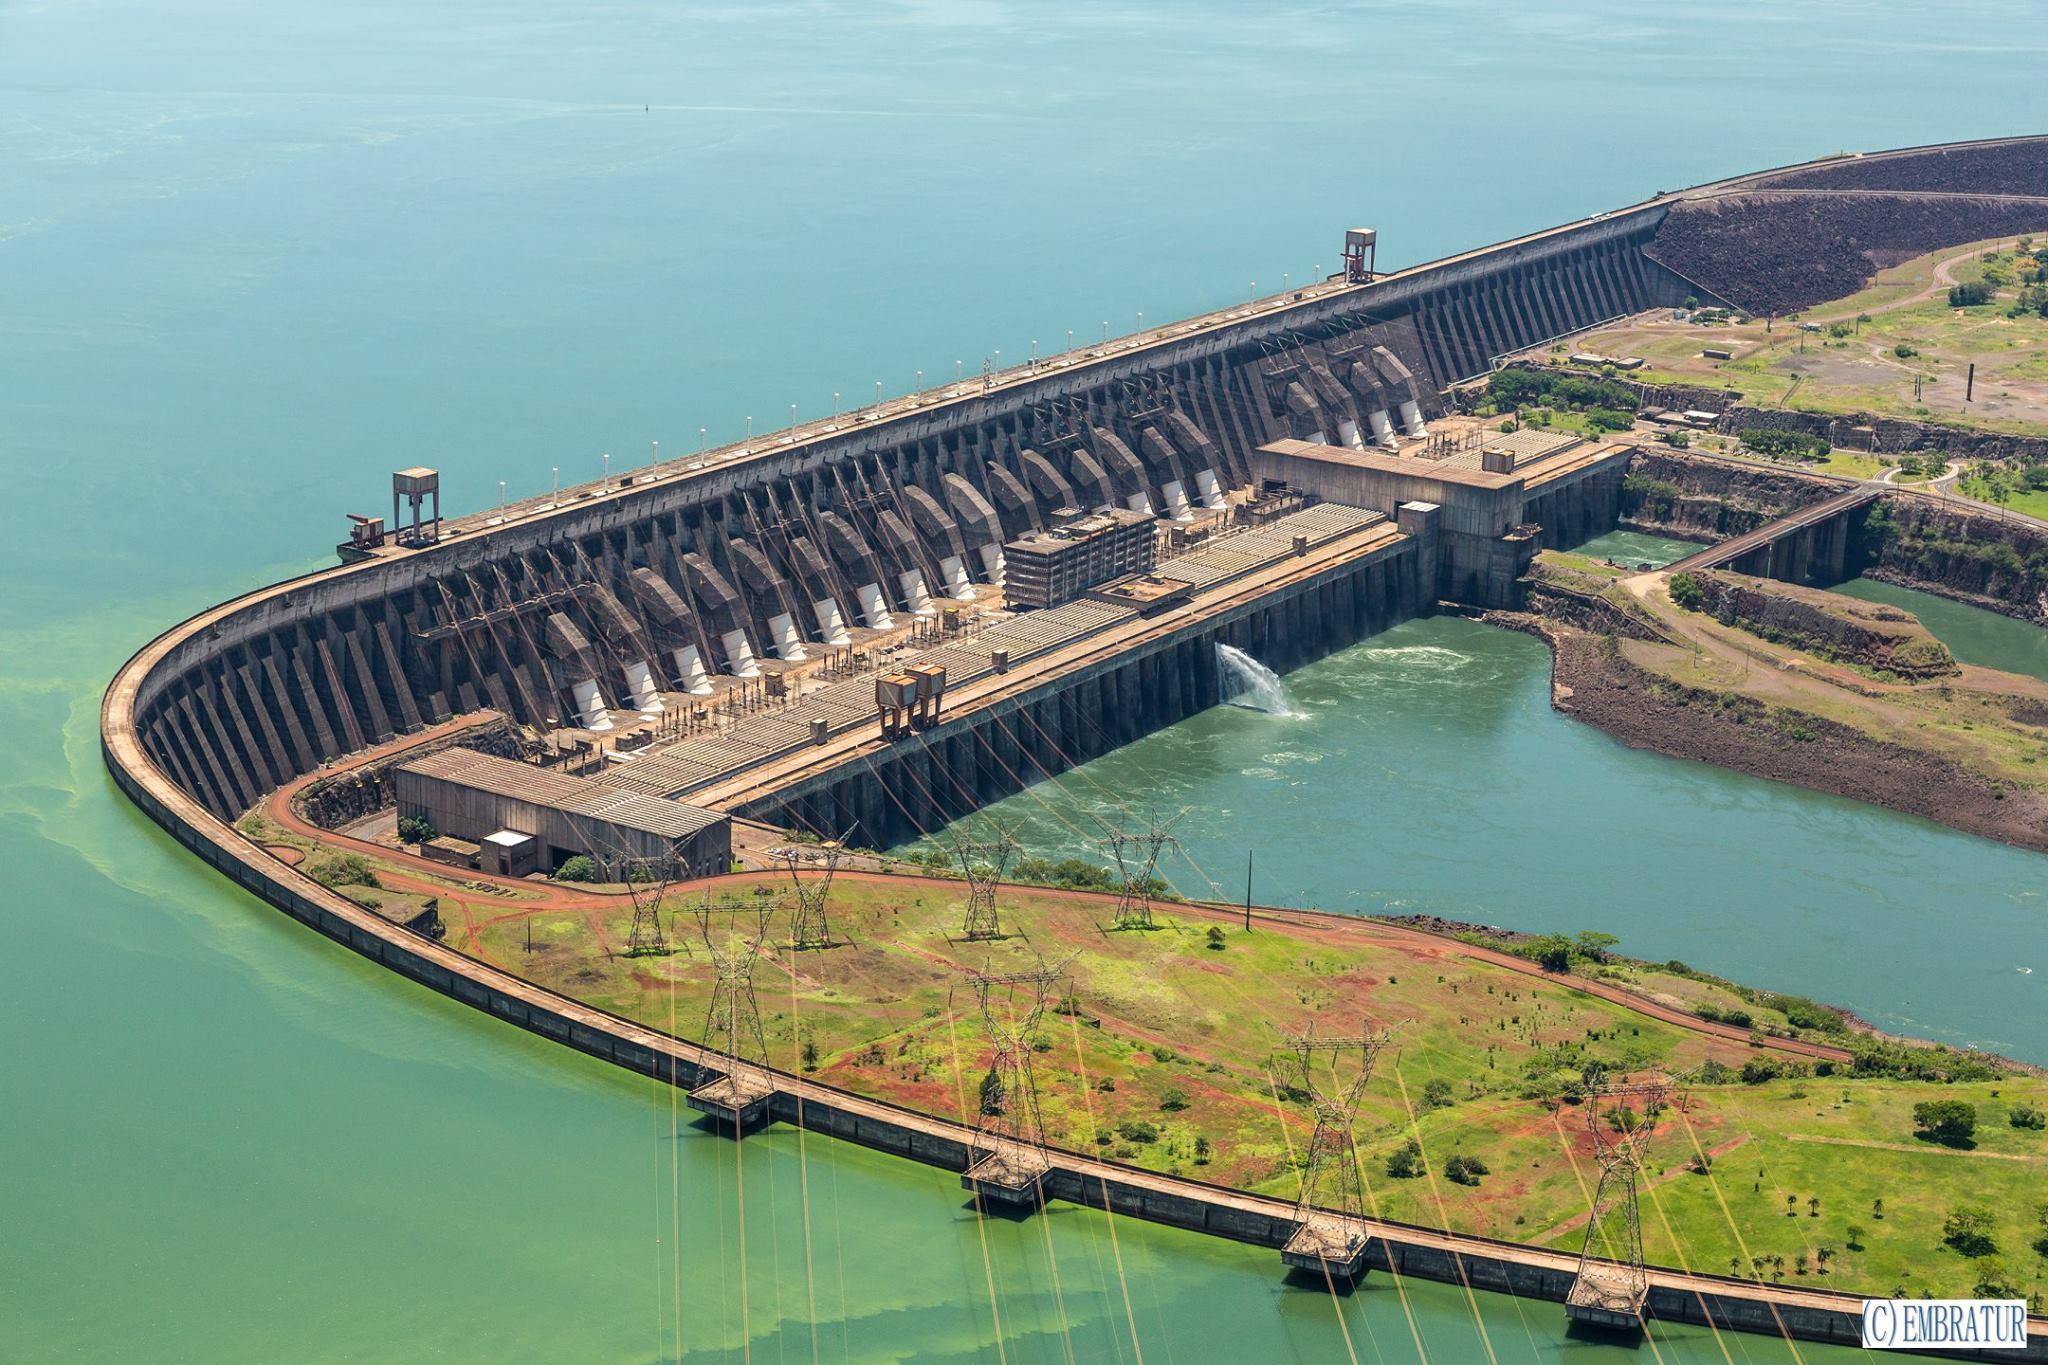 見学できる!南米にある世界最大級の水力発電用ダム『イタイプーダム』